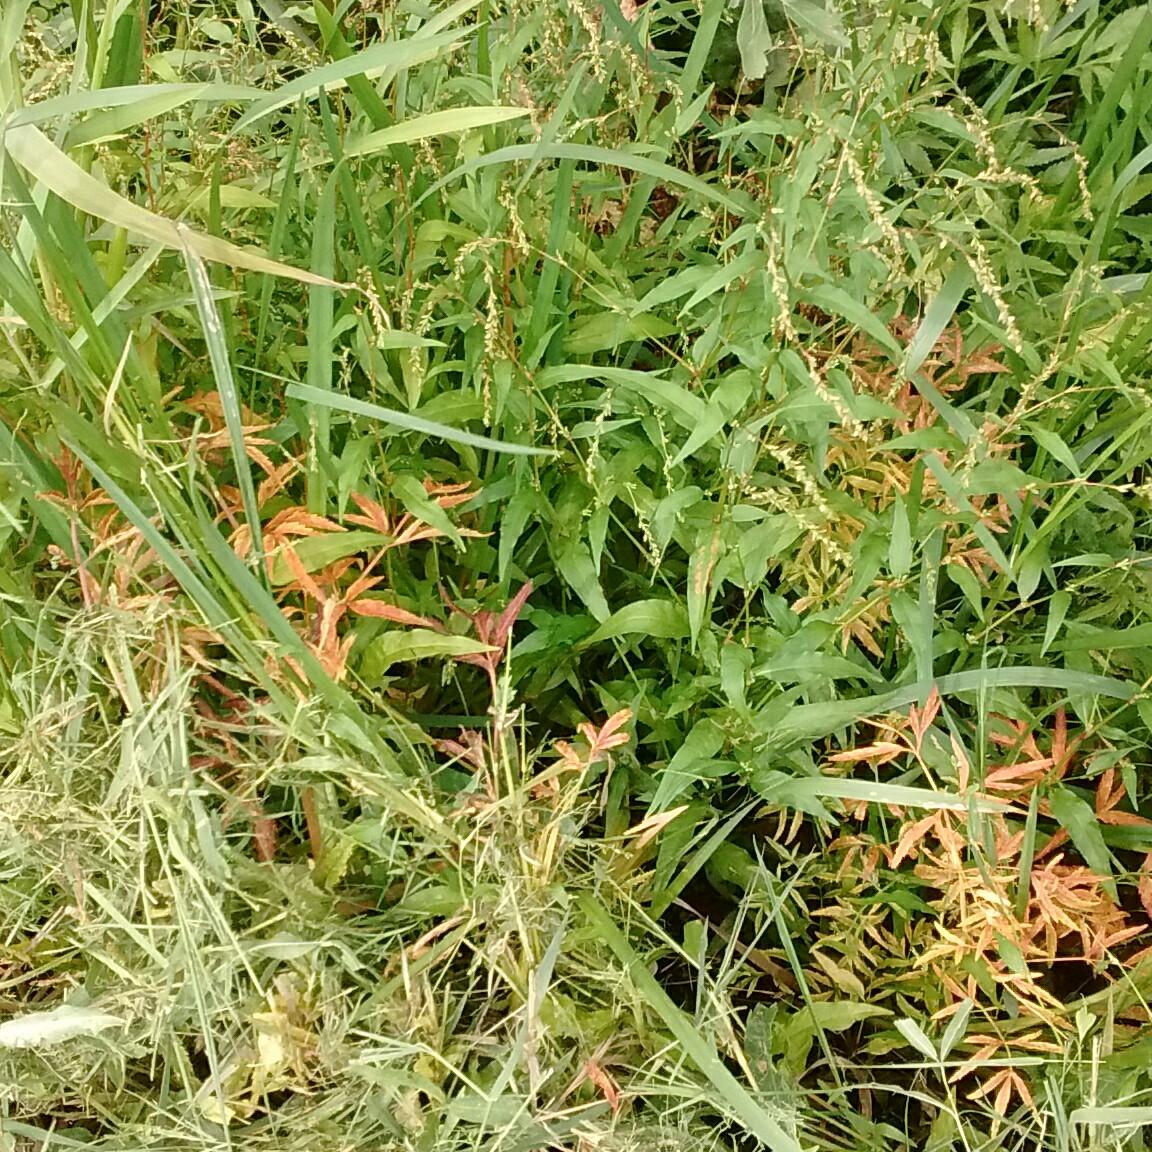 Foto/billede af Bidende Pileurt (Persicaria hydropiper)